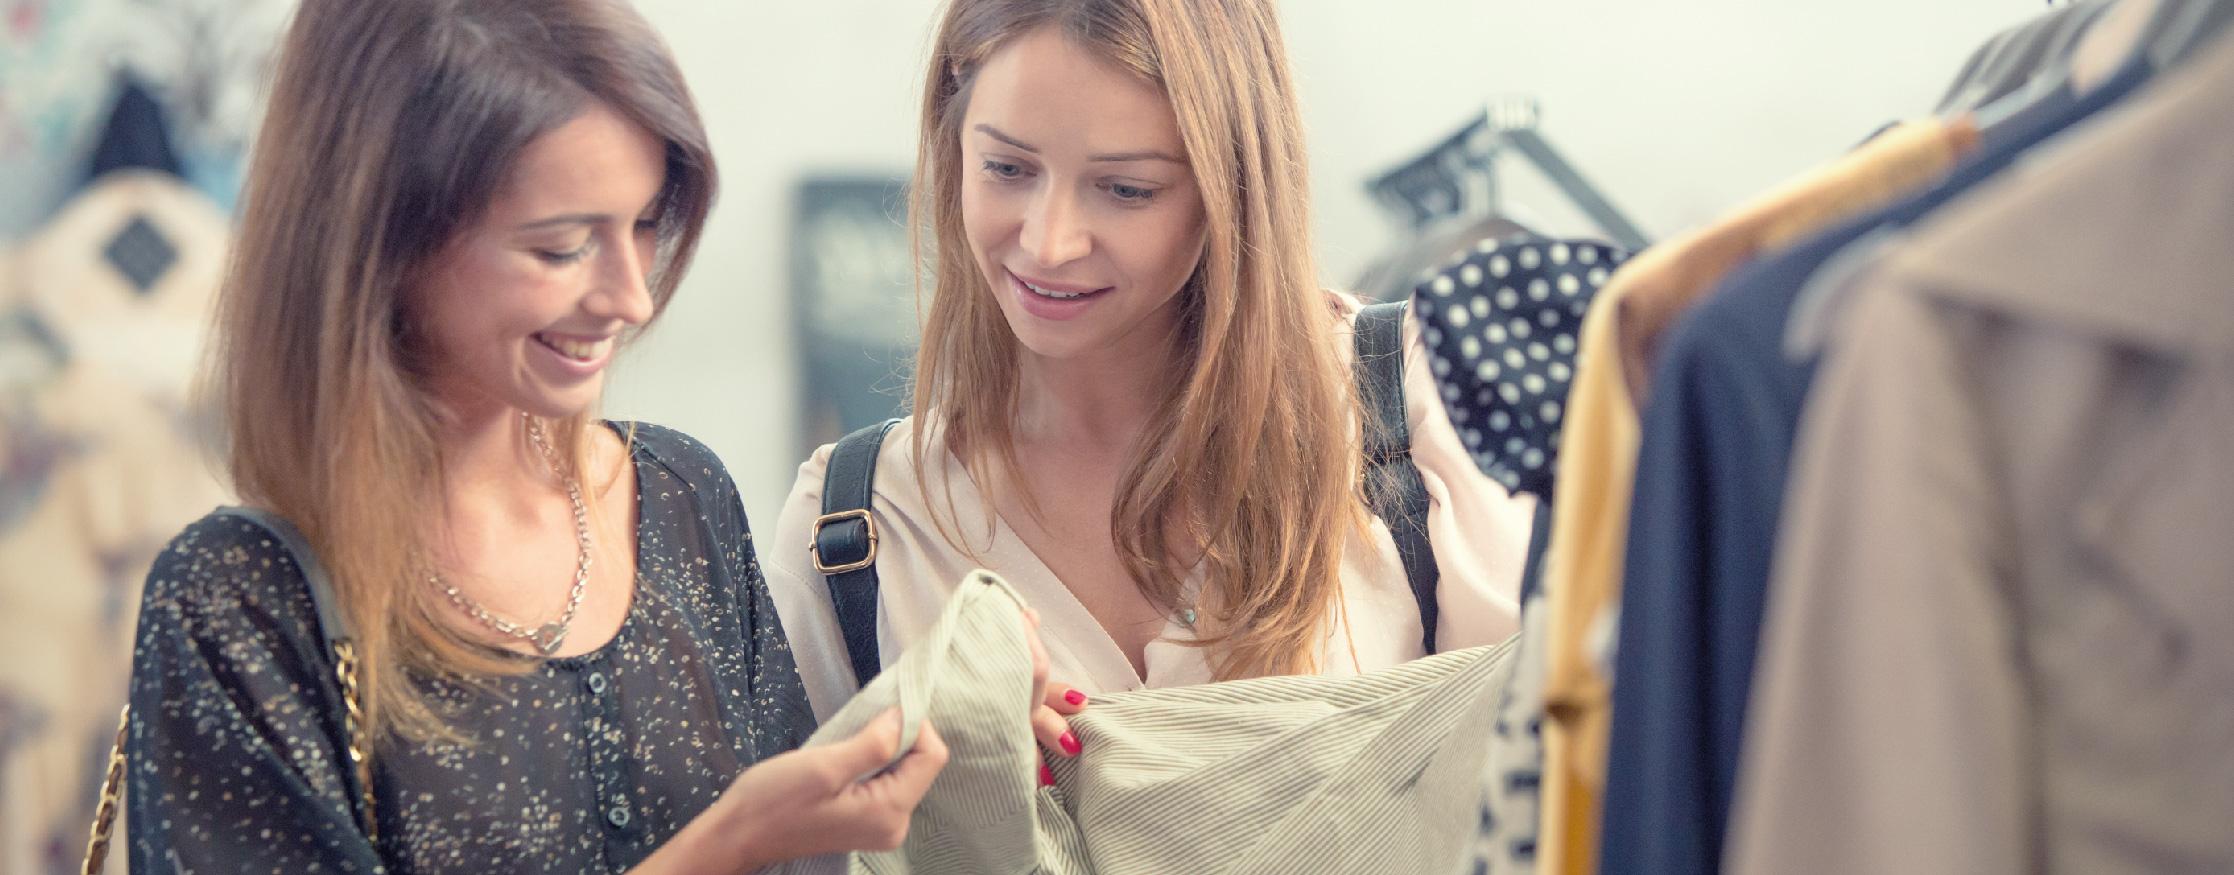 Le concept de Personal Shopper